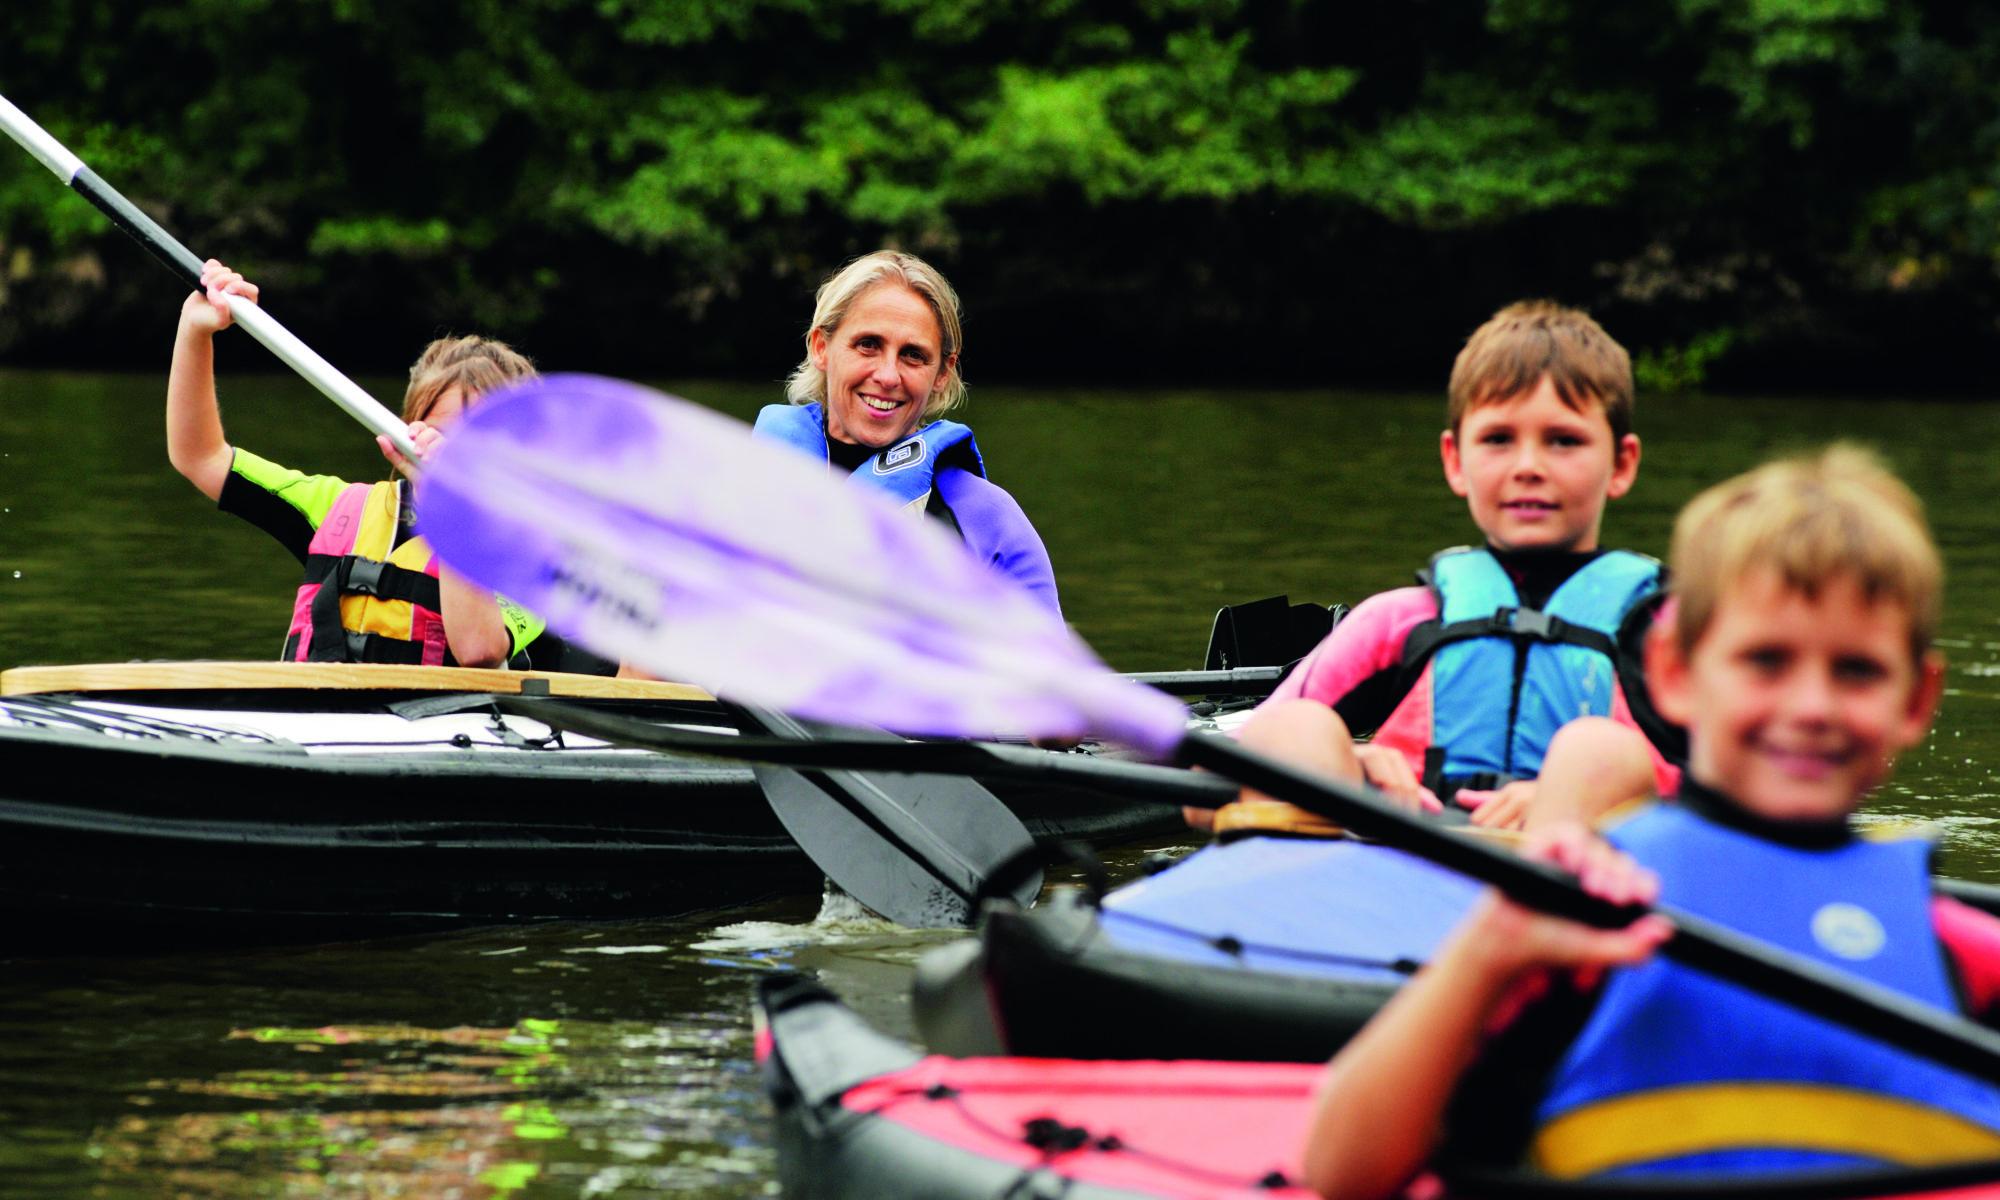 une maman avec ces enfants en famille en kayak pliants